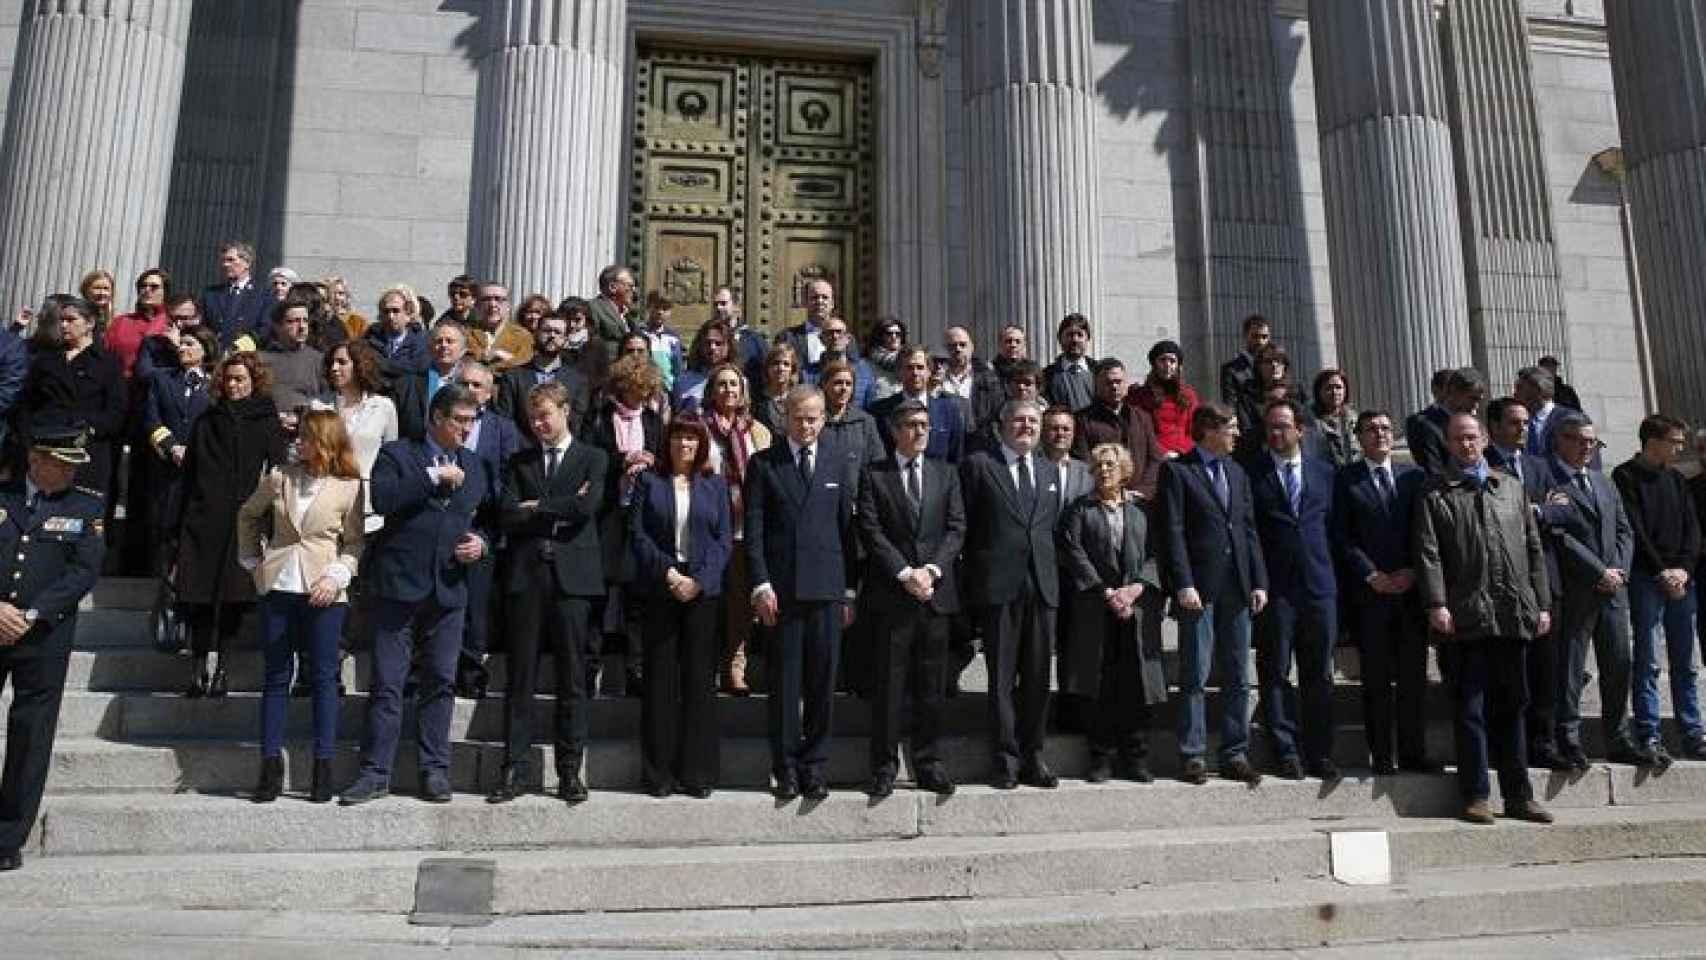 Patxi López y el embajador de Bélgica,  a su derecha, entre otros, durante el homenaje.